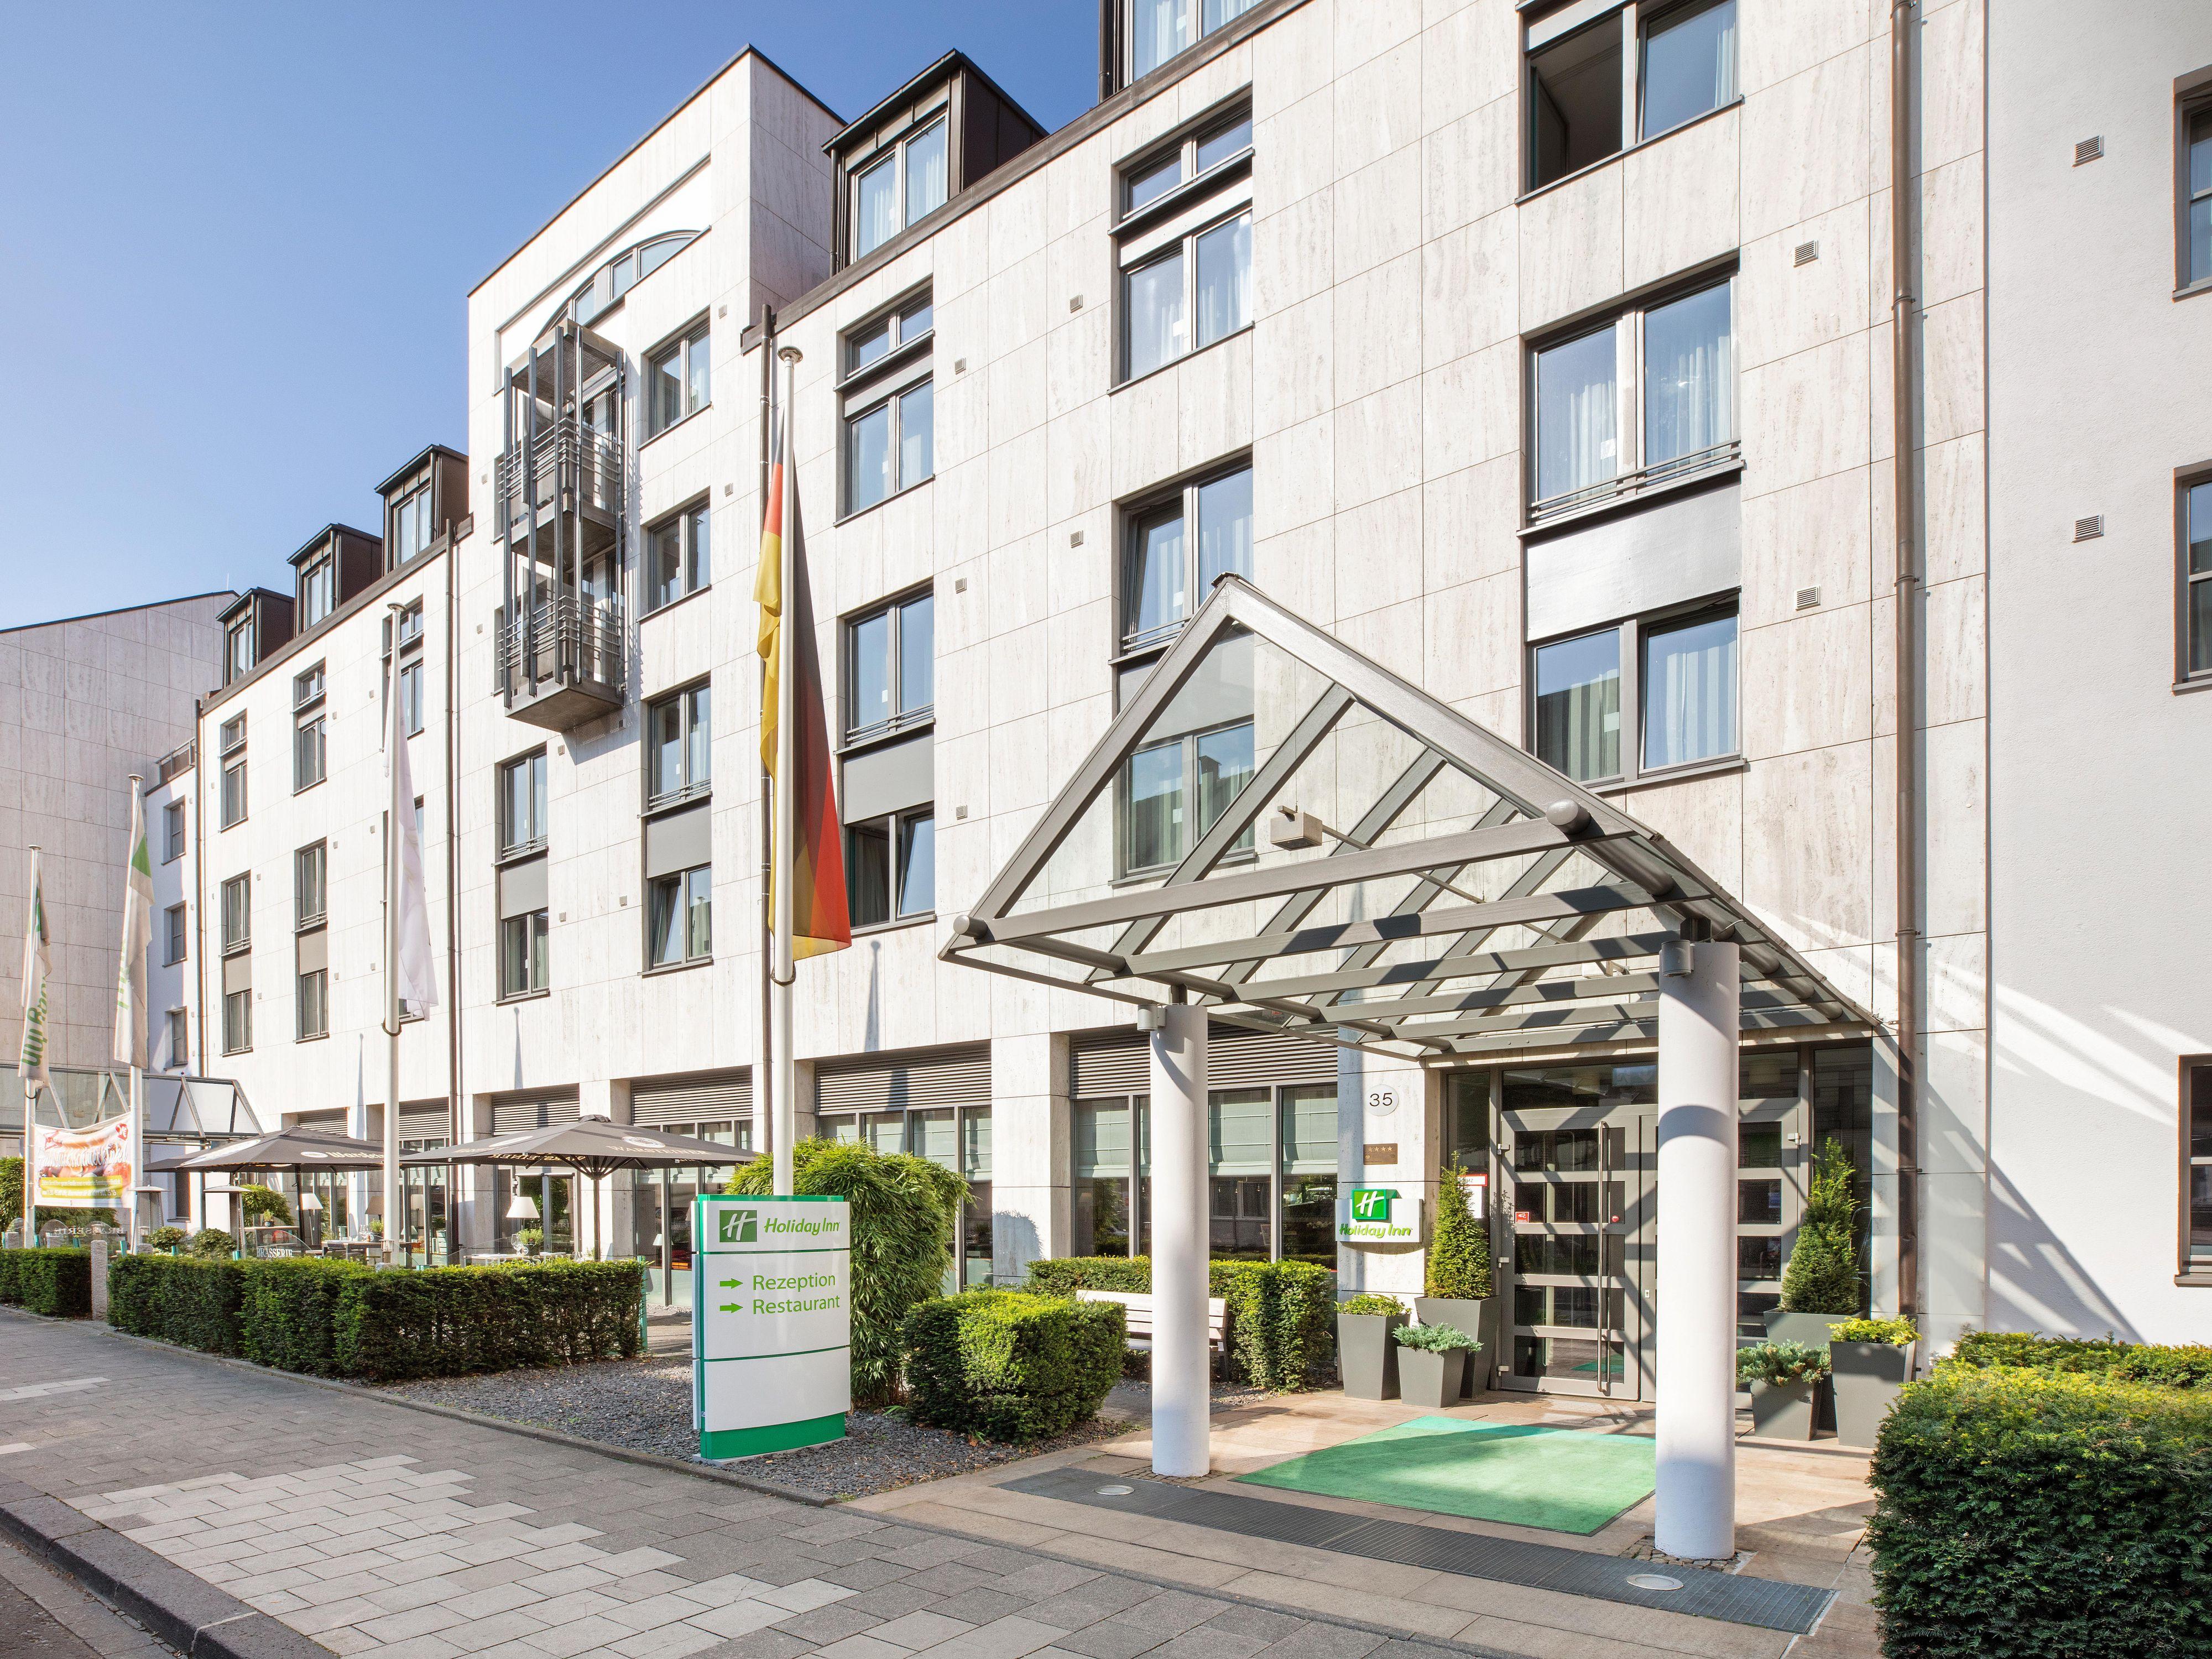 Hotels In Dusseldorf Hafen Holiday Inn Dusseldorf Hafen